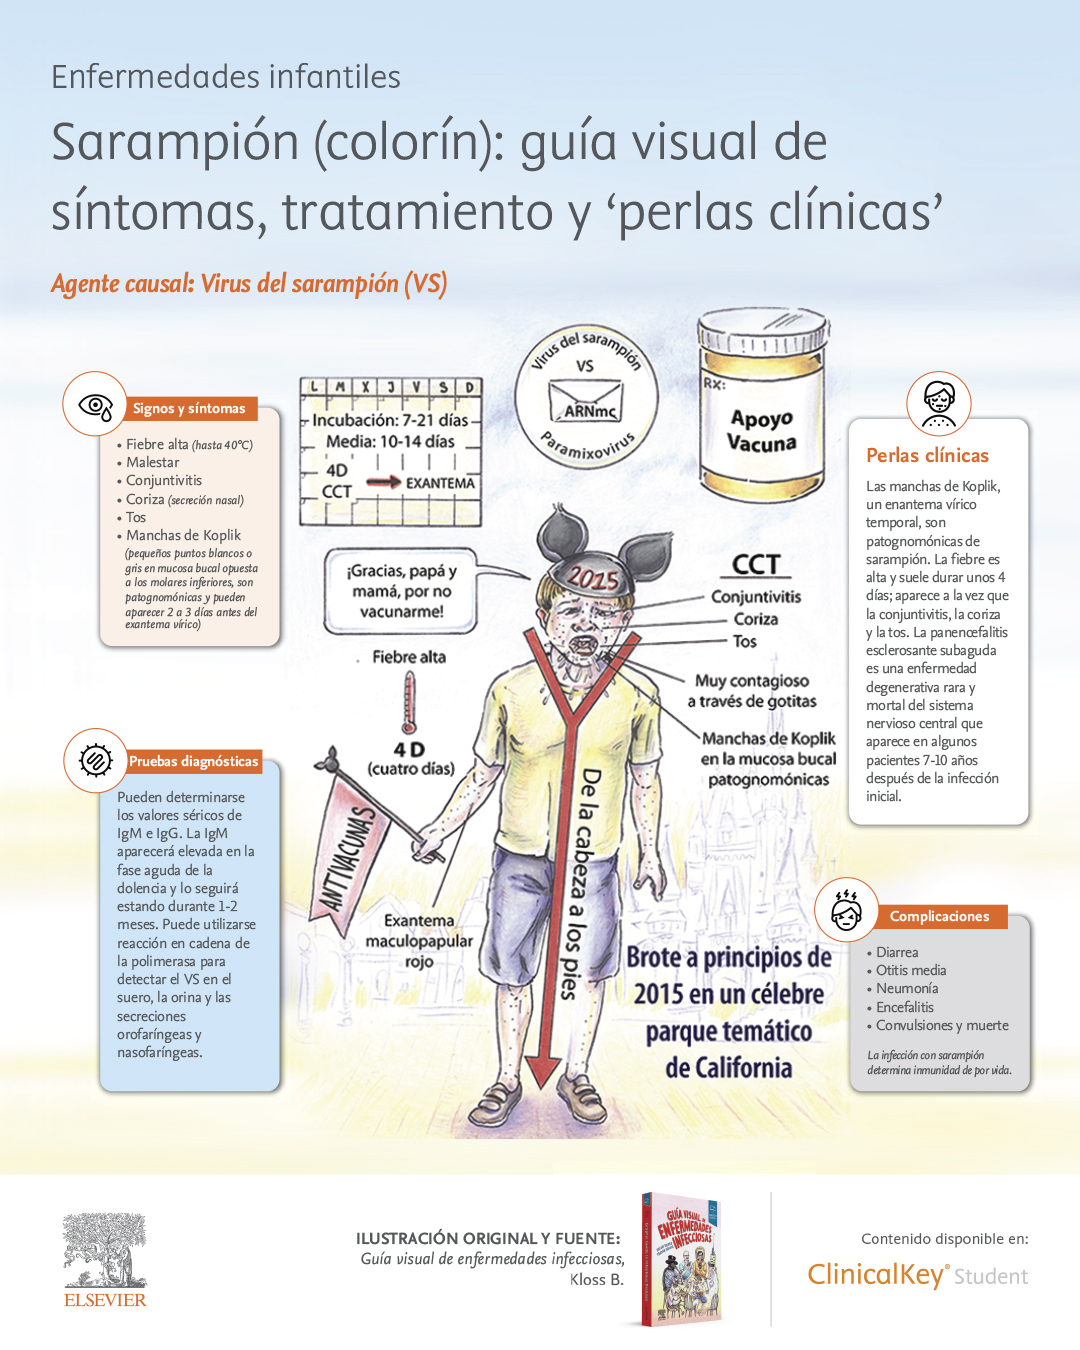 Imagen_Infografia-GuiaVisualEnfermedadesInfecciosas_1.jpg